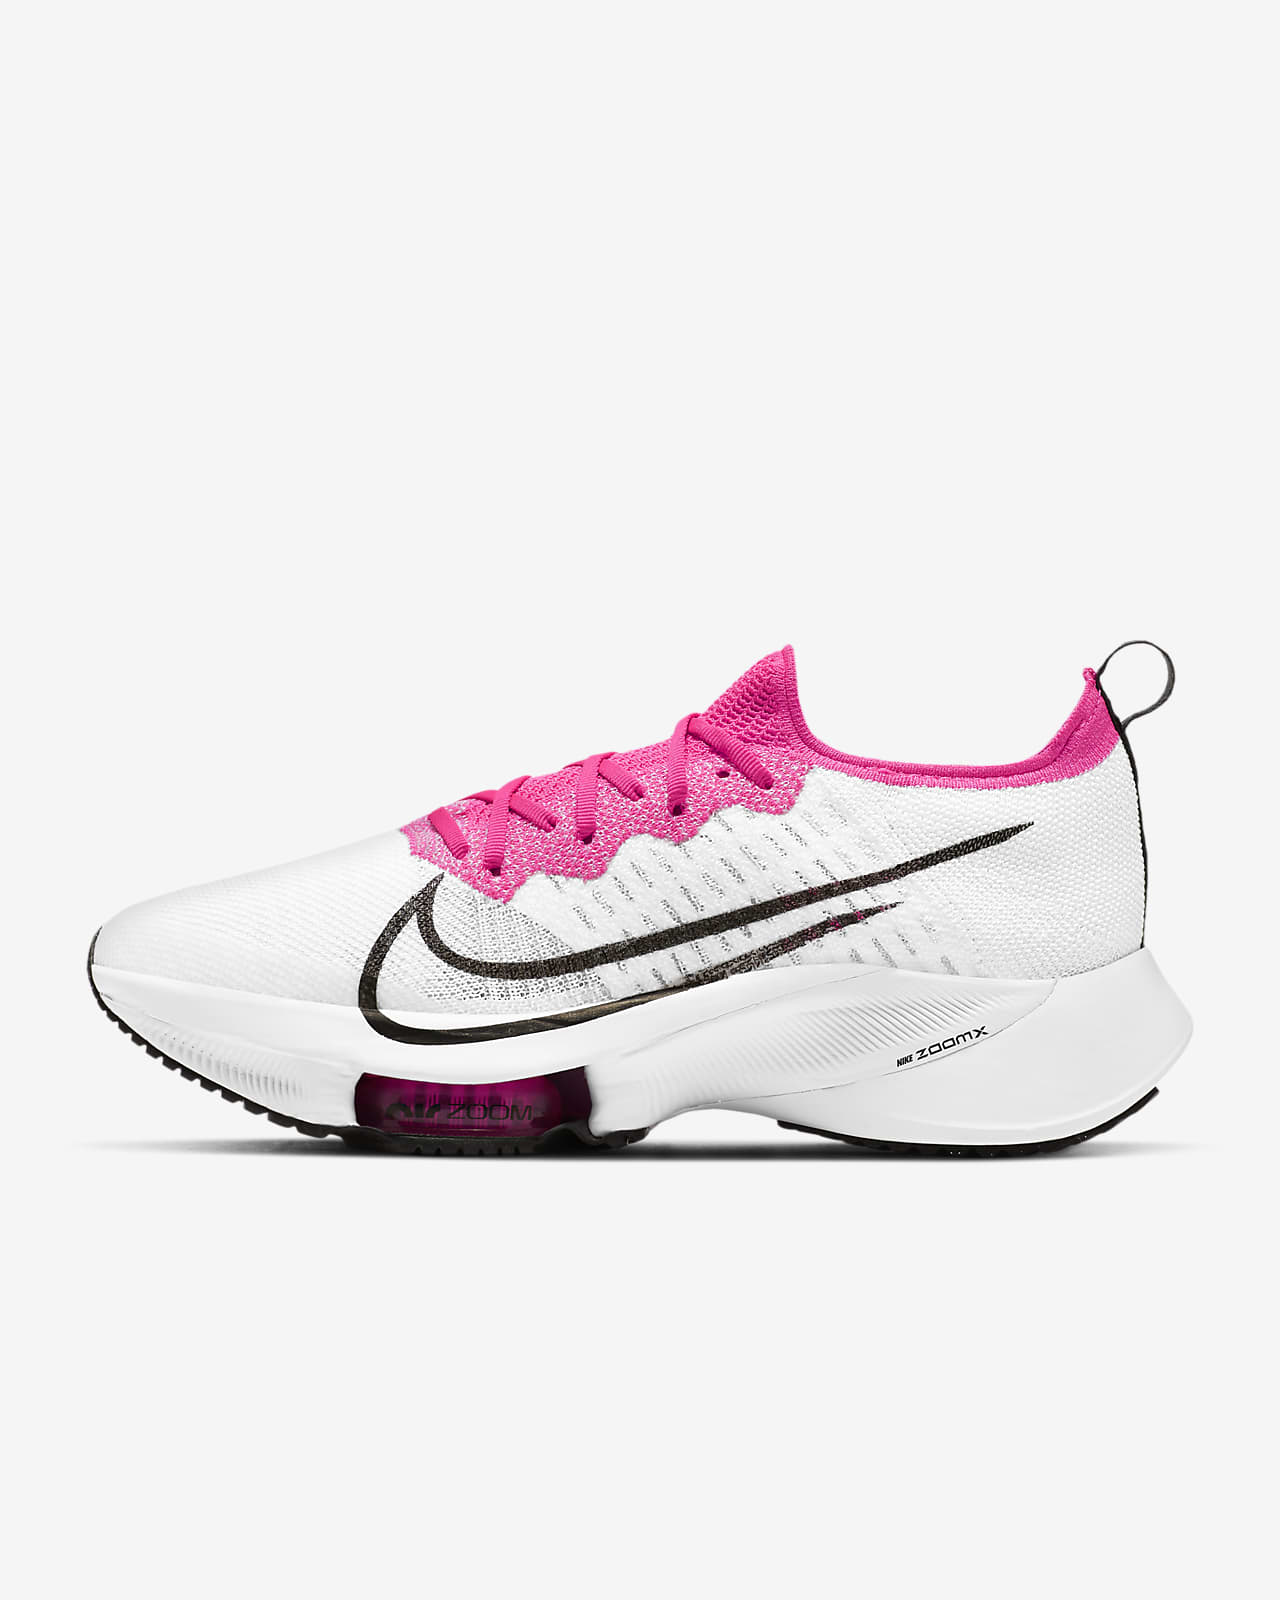 Sapatilhas de running Nike Air Zoom Tempo NEXT% para mulher